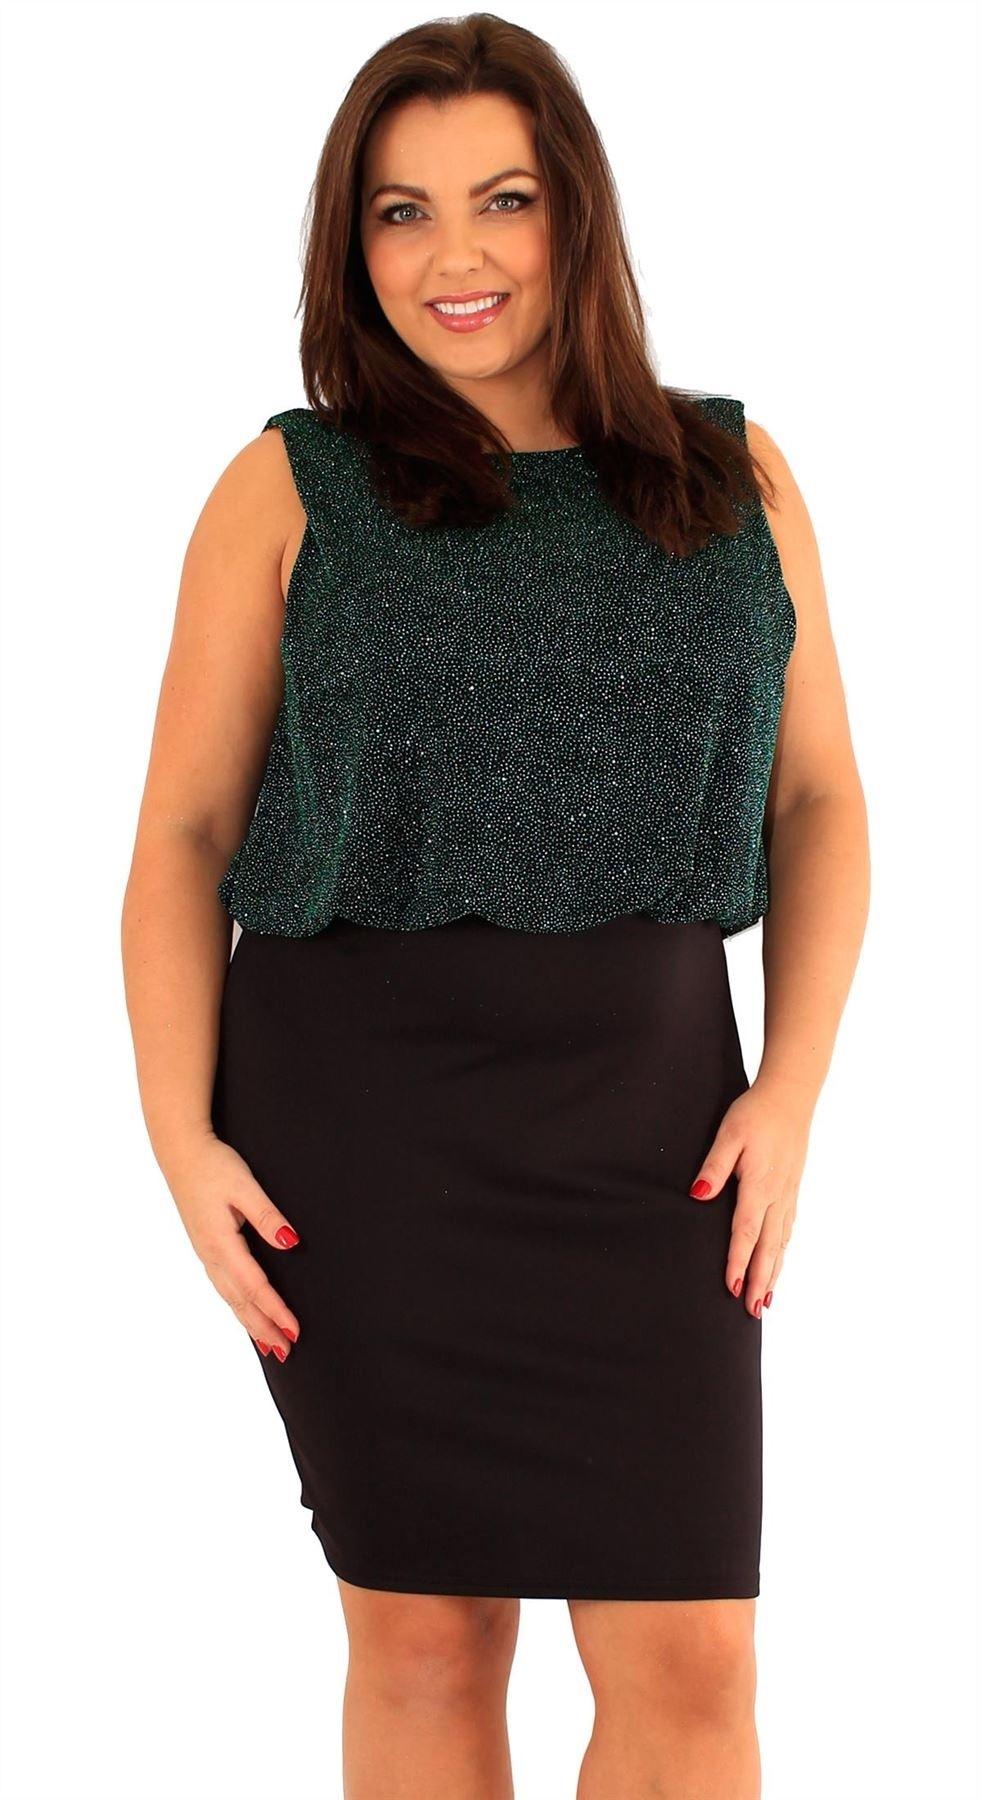 Formal Einzigartig Kleider Größe 46 Ärmel20 Coolste Kleider Größe 46 Ärmel